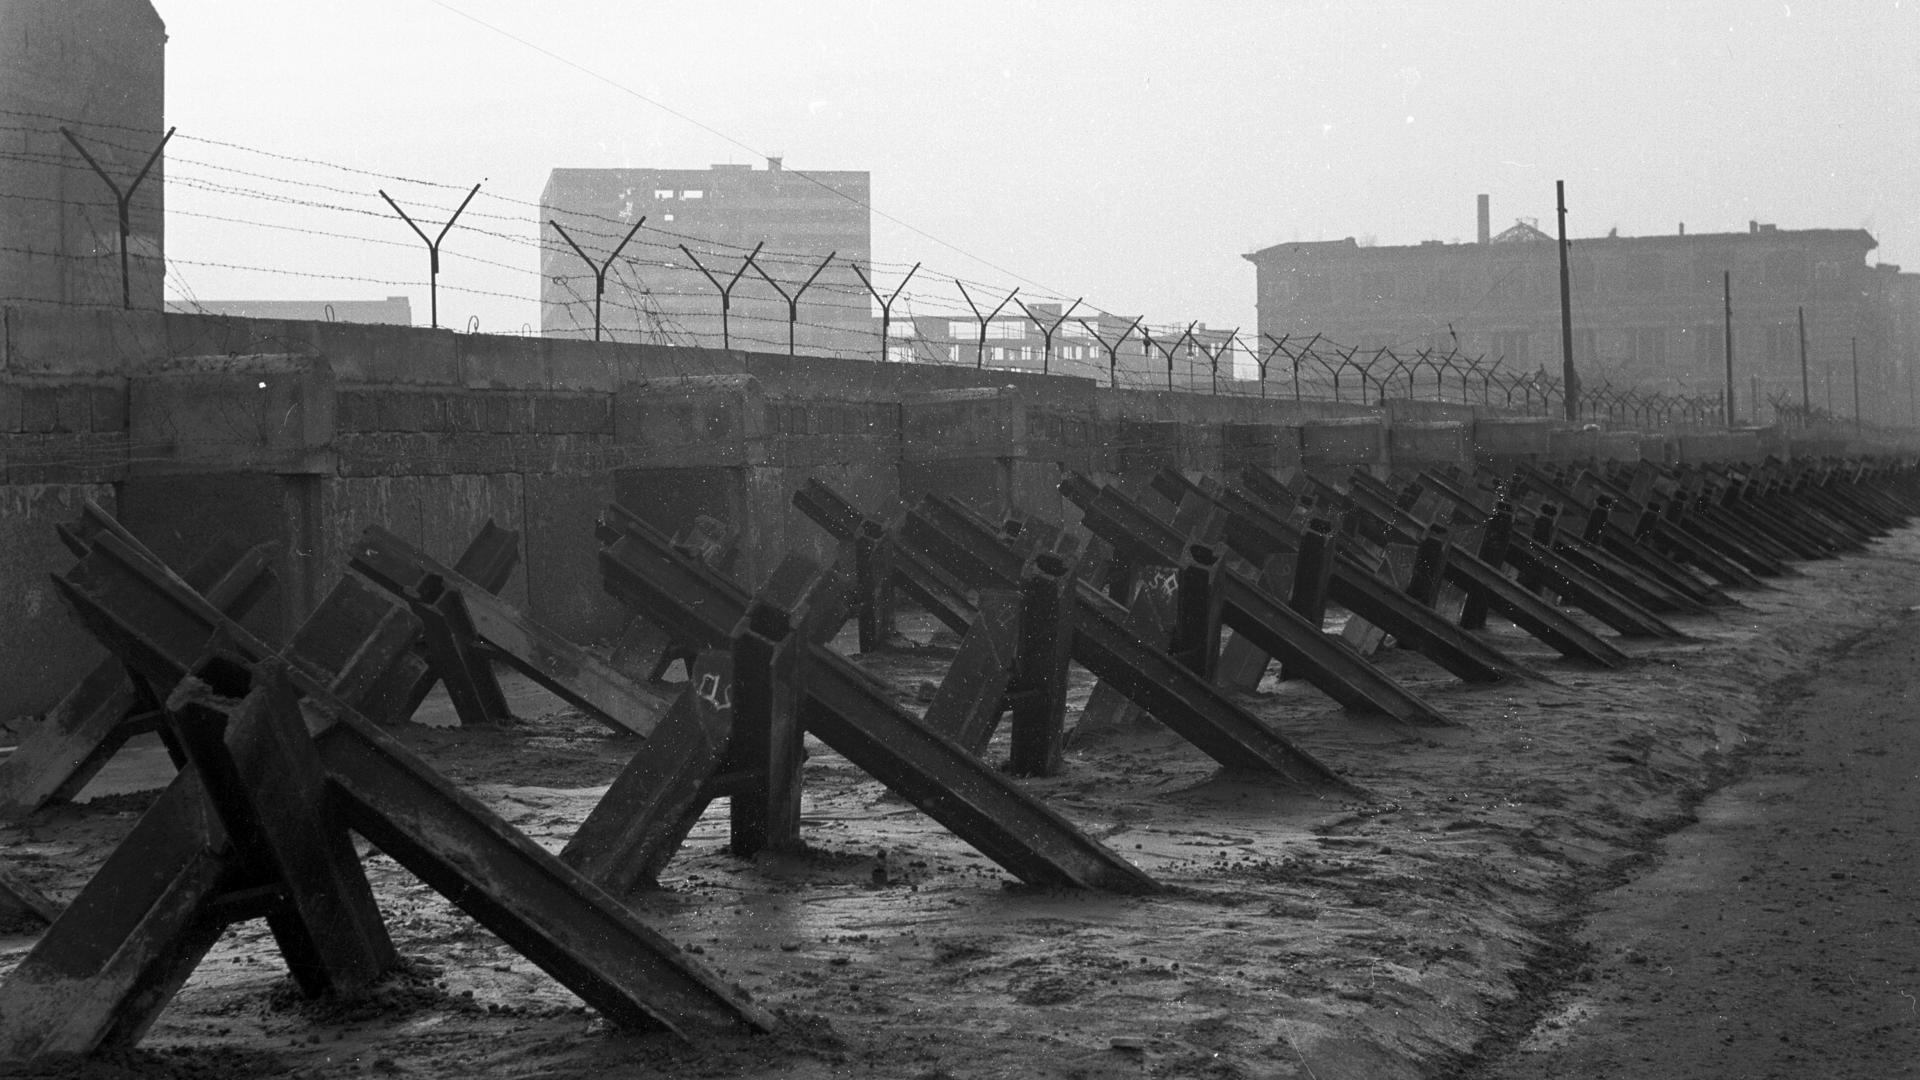 Das Schwarz-Weiß-Foto zeigt den Grenzverlauf in Berlin-Mitte unmittelbar nach dem Mauerbau. Das Bild zeigt eine Mauer mit aufgesetztem Stacheldraht und Panzersperren im Vordergrund.